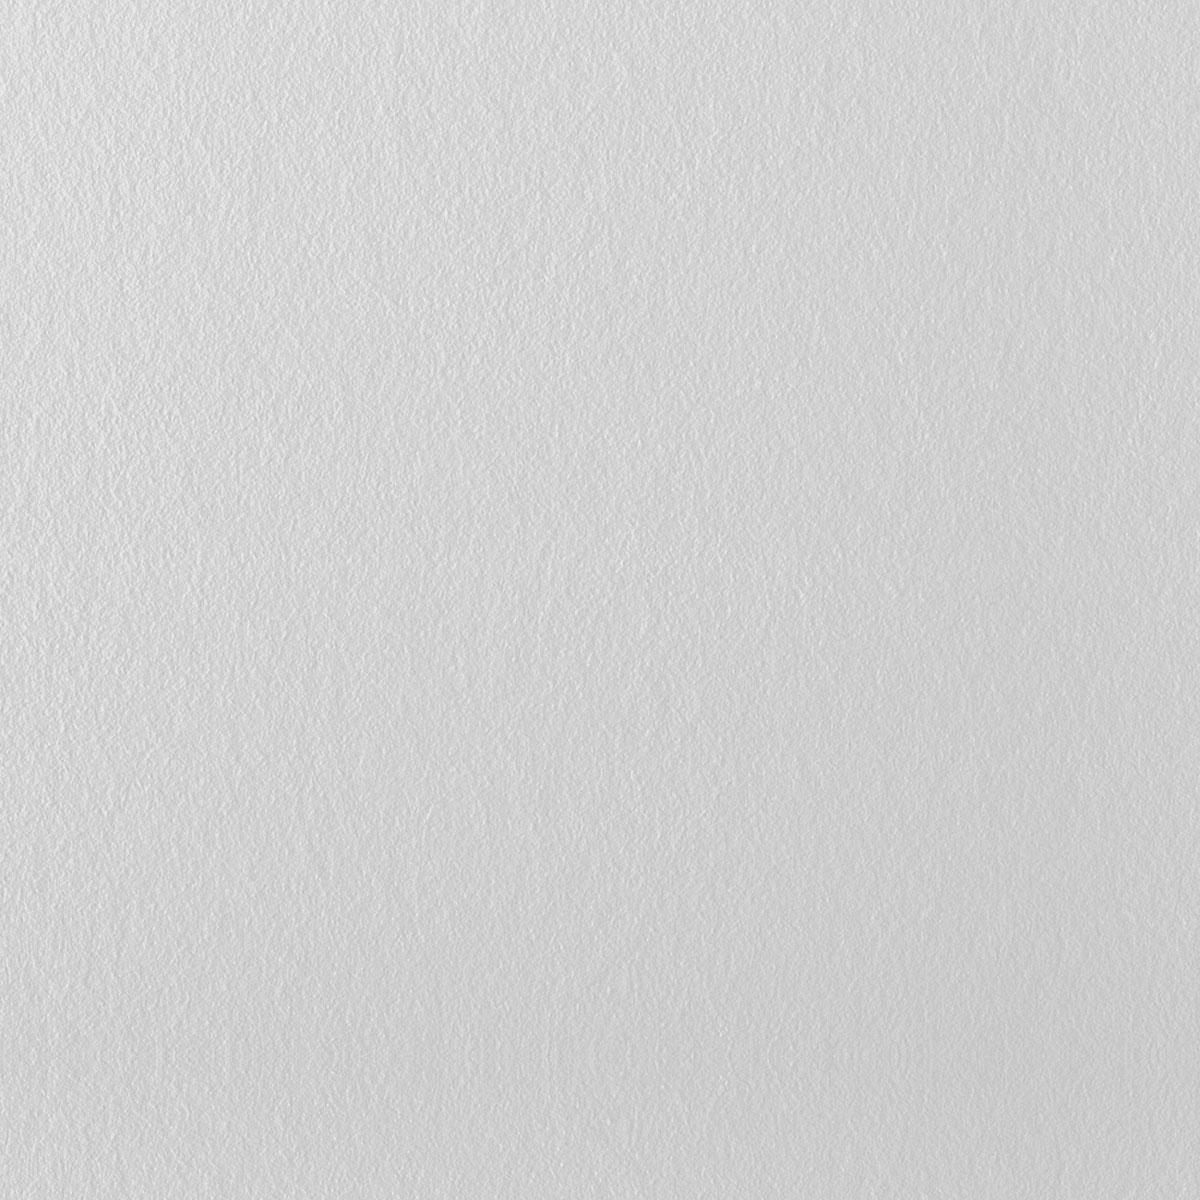 Стеклохолст малярный Oscar-эконом  плотность 40 г/м2  1 х 50 м